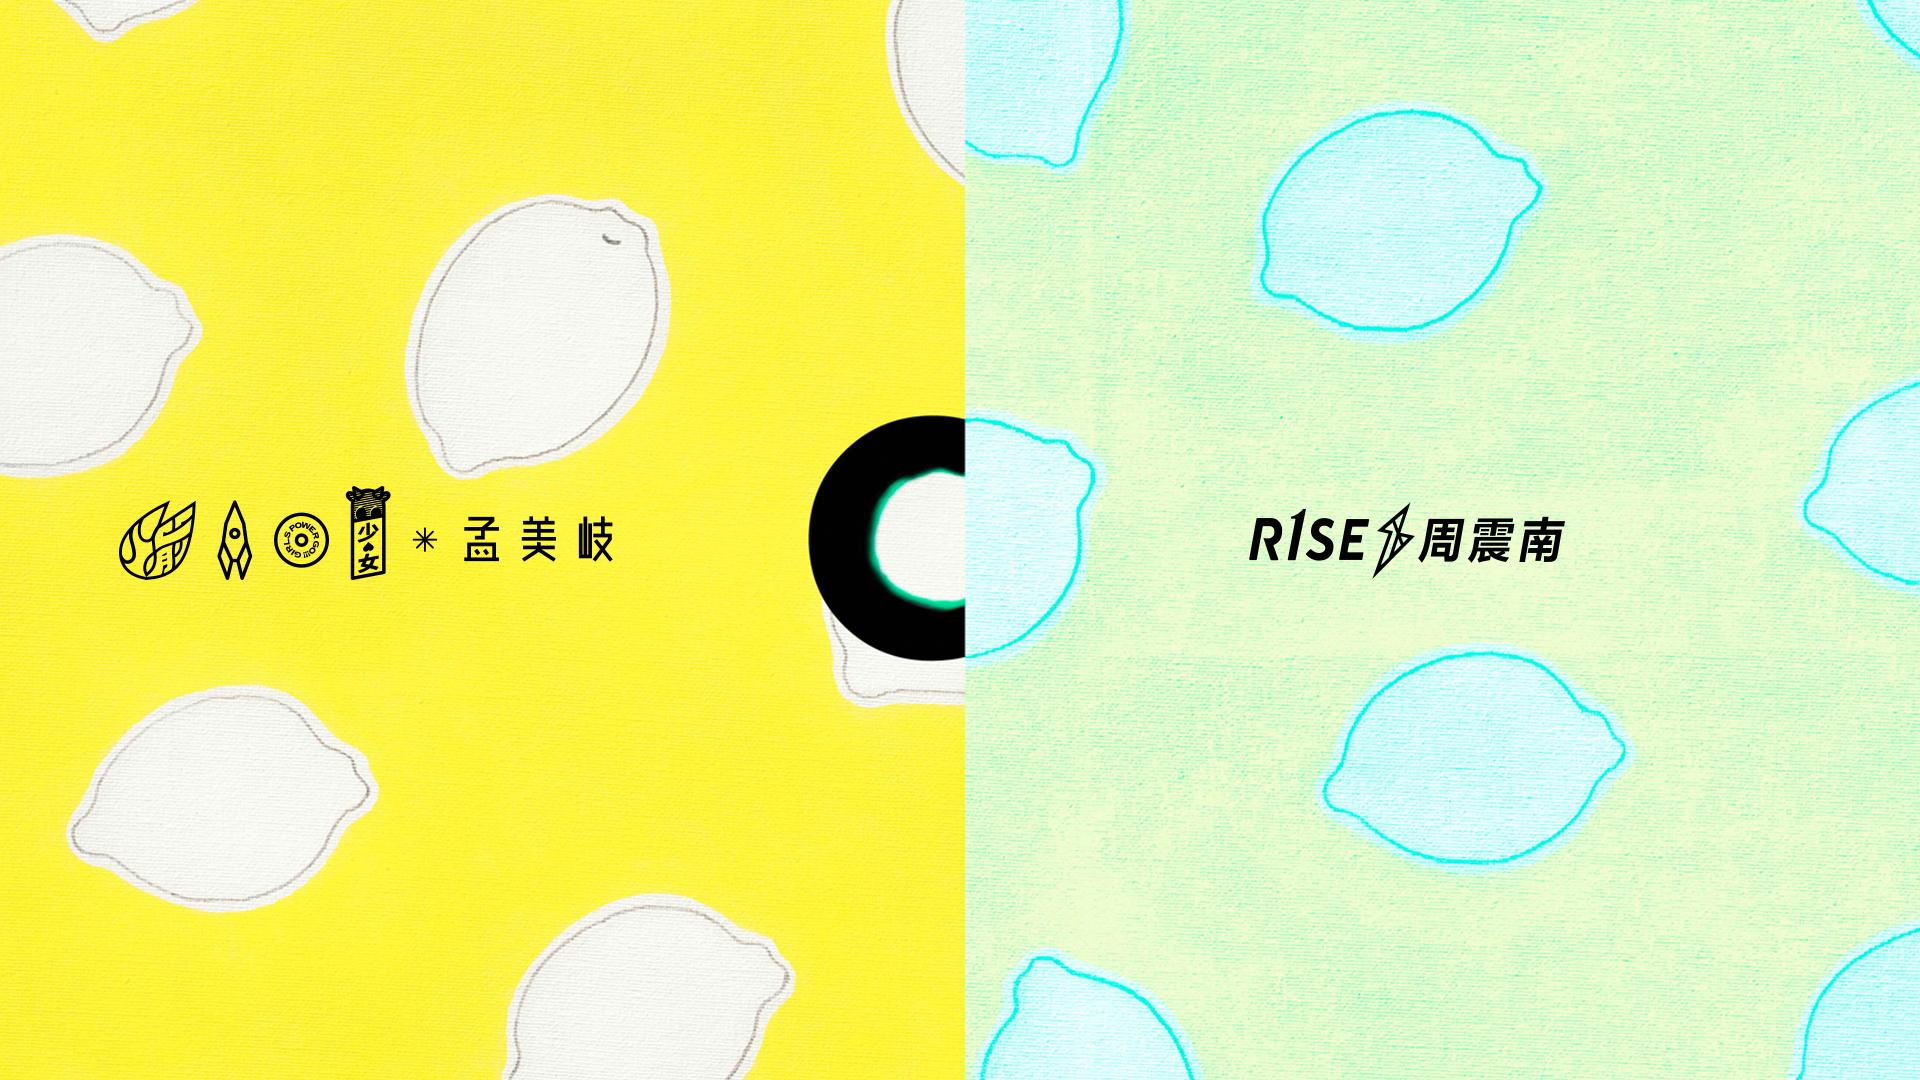 孟美岐周震南合作原创单曲《C》上线 开启流行符号C的探索旅程